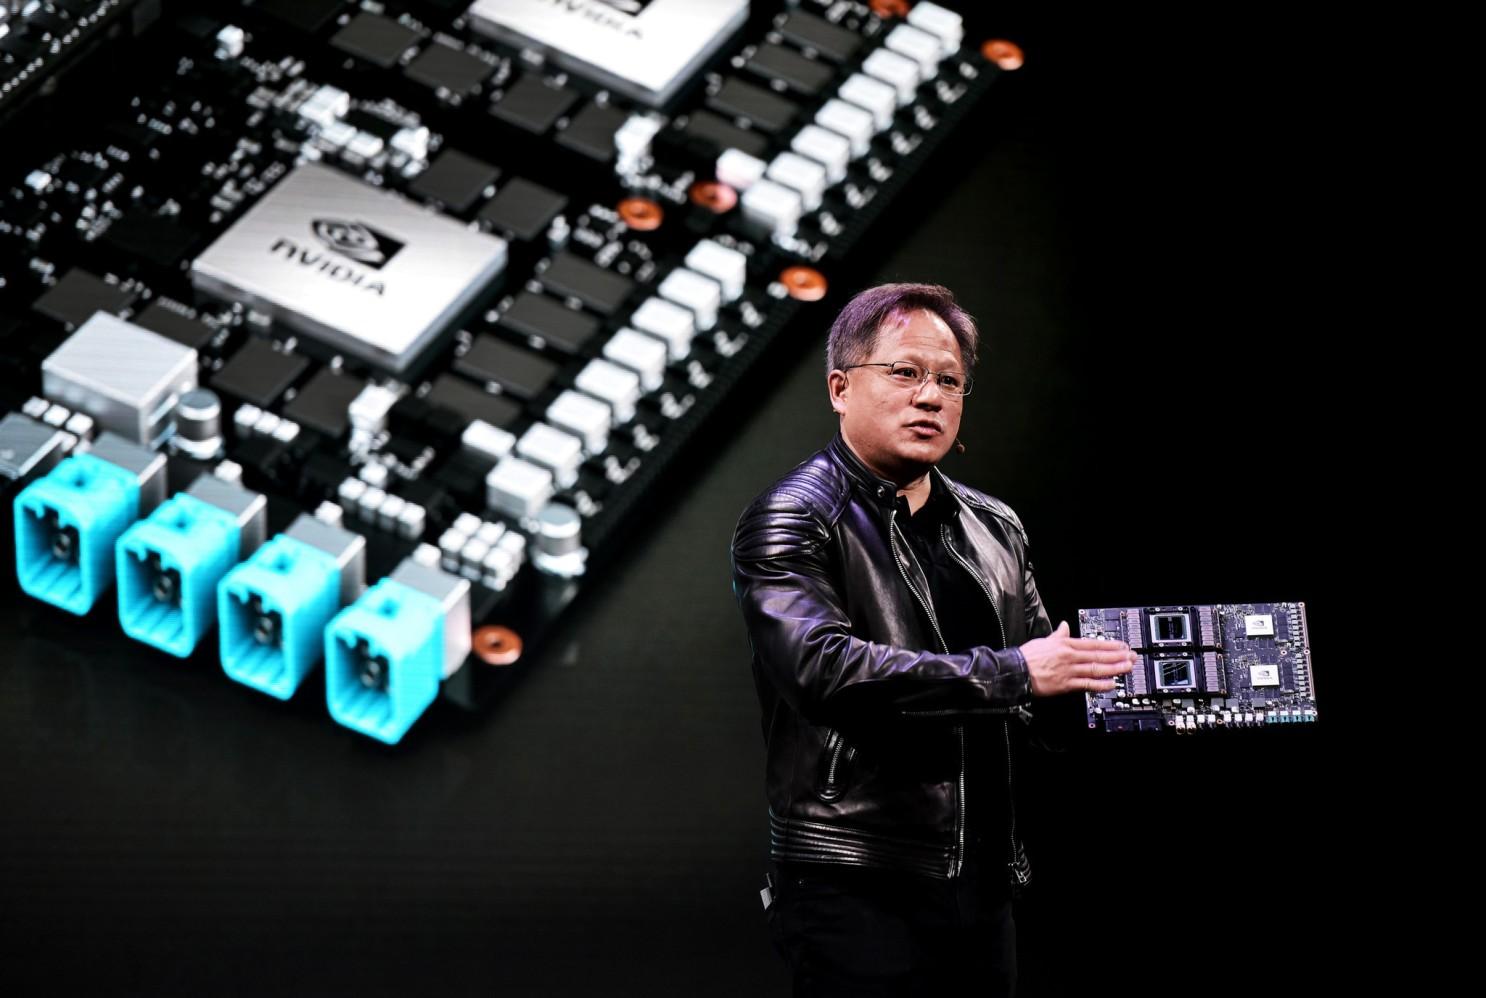 Vụ thâu tóm chấn động ngành công nghệ toàn cầu có thể gặp lực cản từ Trung Quốc - Ảnh 1.